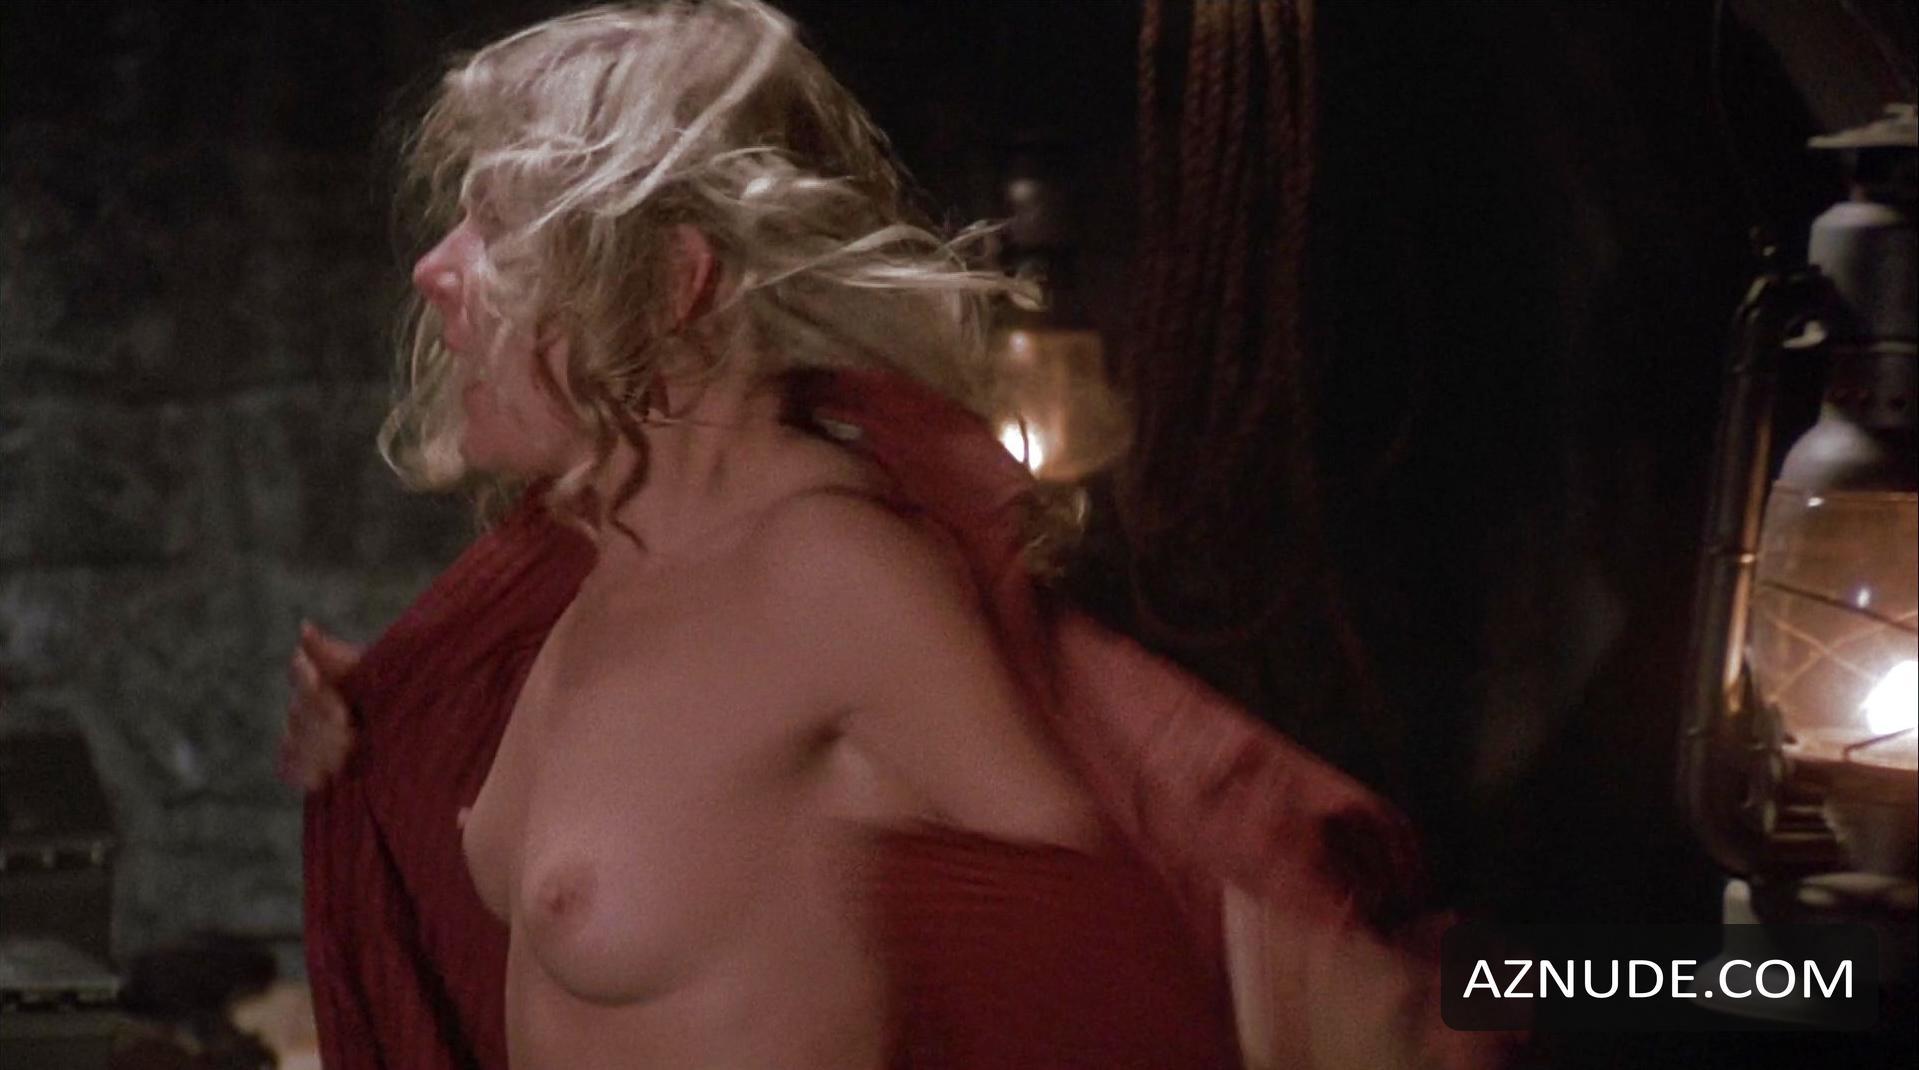 helen shaver naked